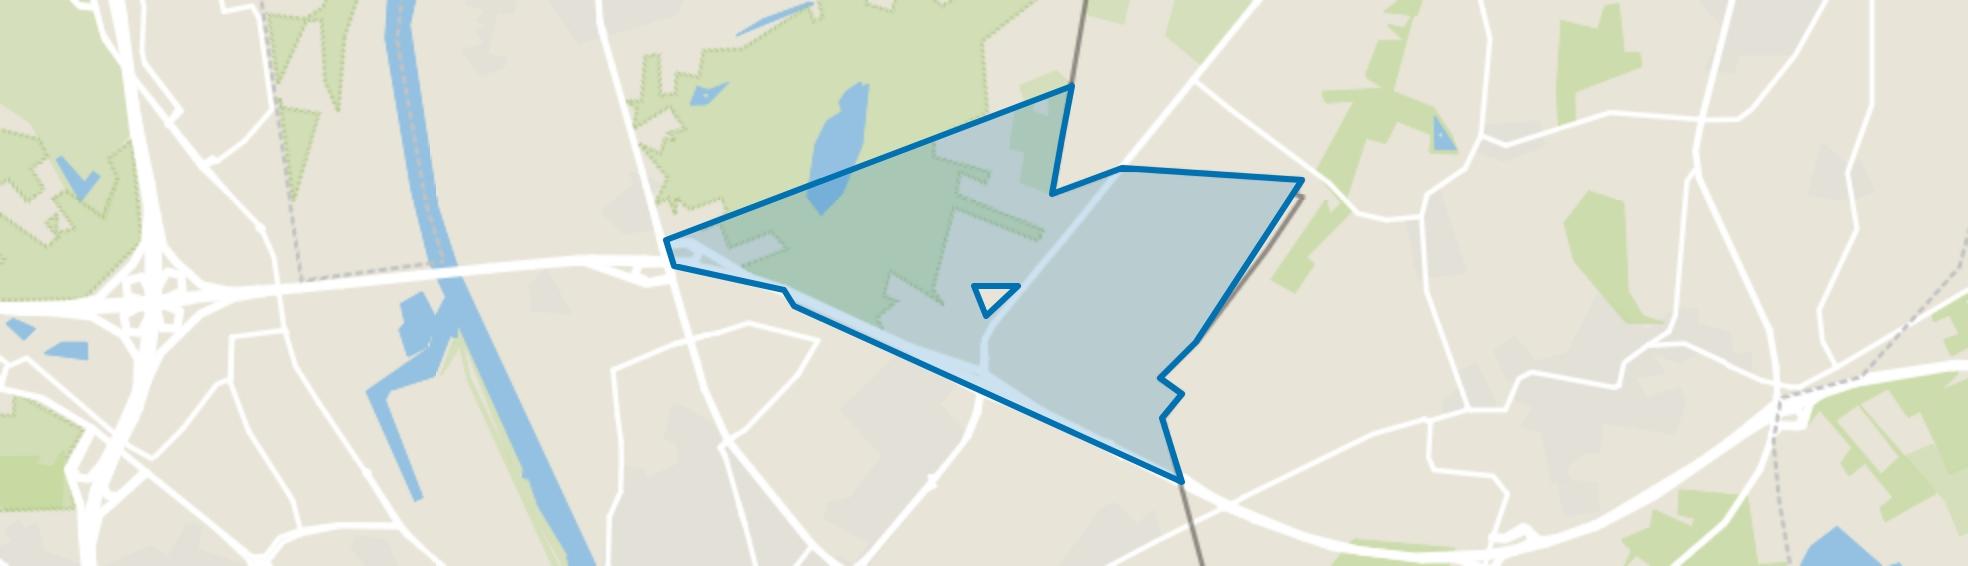 Venkoelen, Venlo map